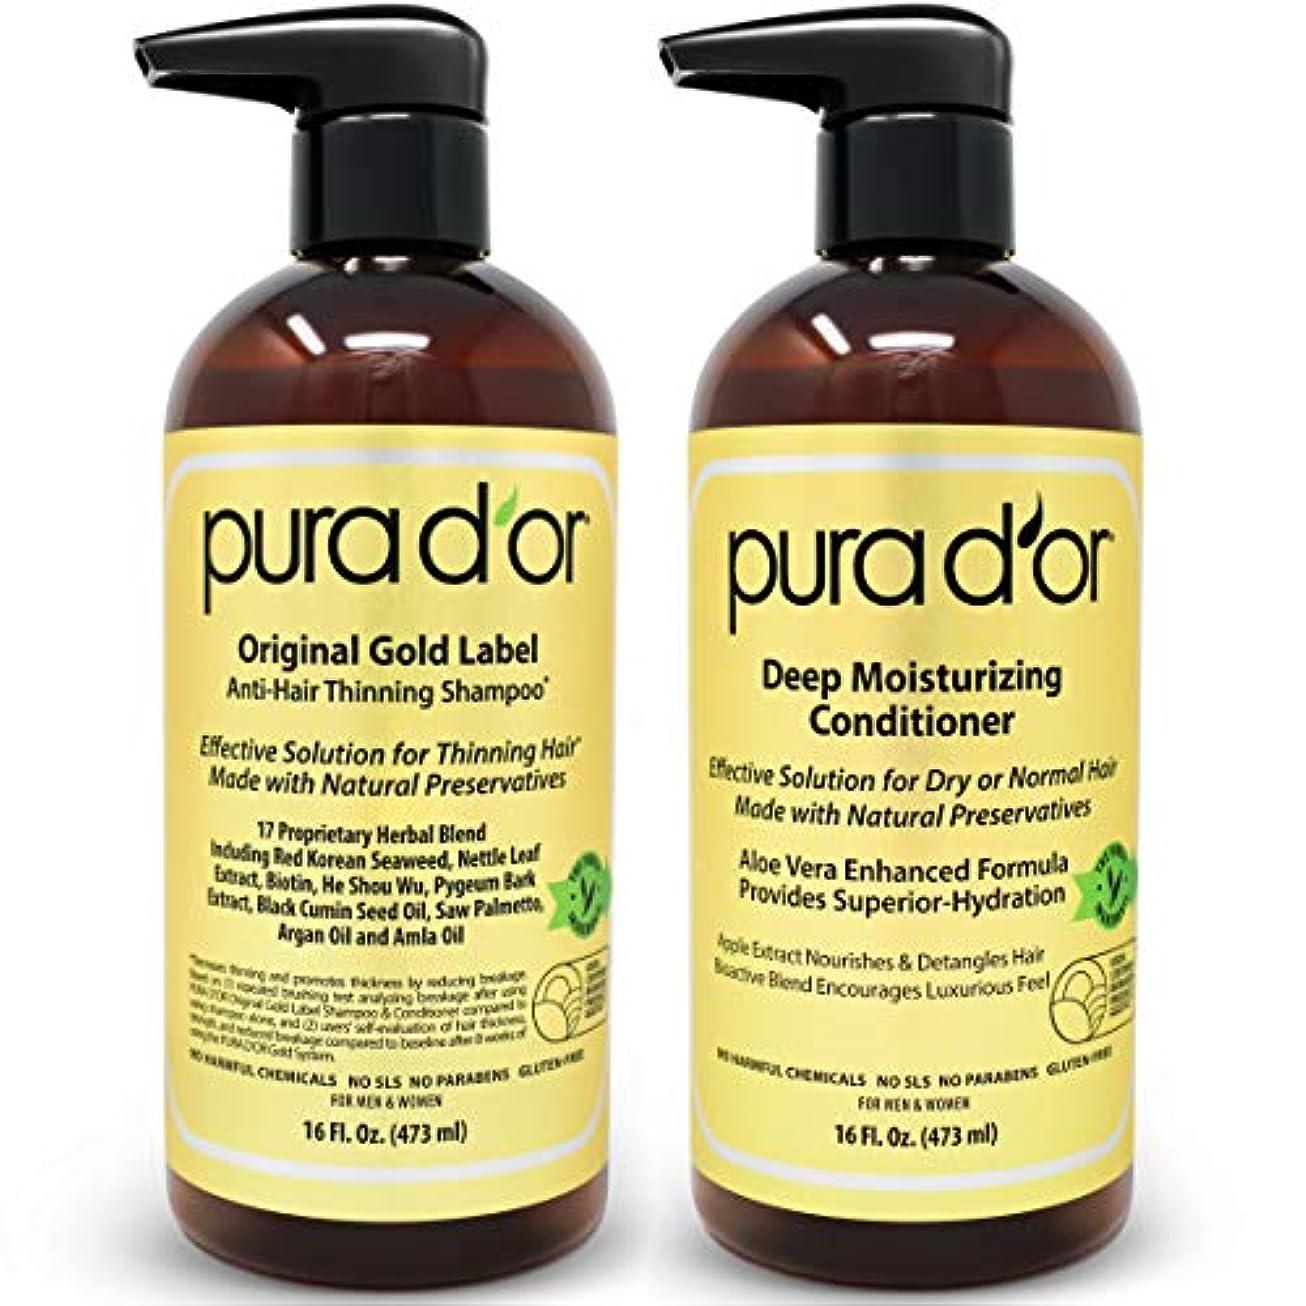 リテラシータック雲PURA D'OR オリジナル ゴールド ラベル 薄毛予防用 -臨床実験済み -アルガンオイル、ビオチン、天然原料、硫酸系化合物不使用、全髪タイプに、男性&女性用(パッケージは異なる場合があります) シャンプー&コンディショナー